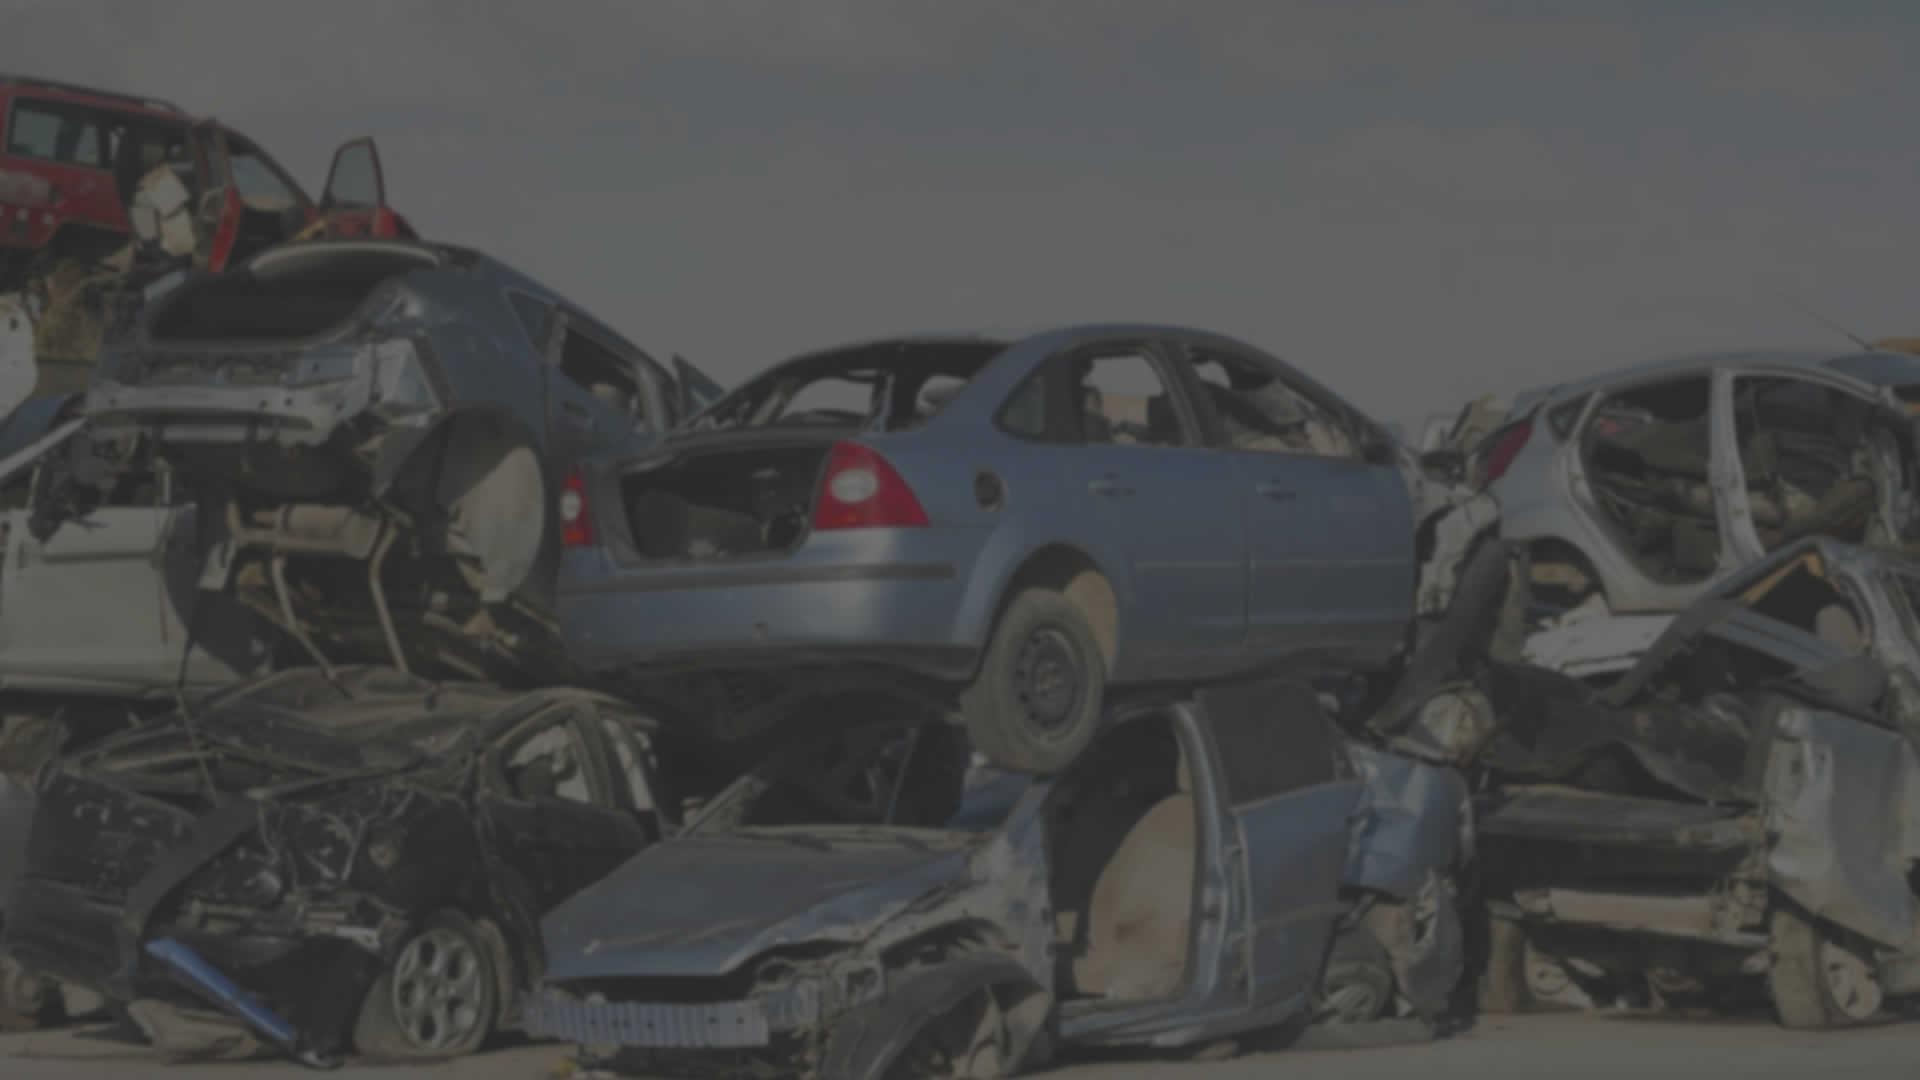 Smith & Son's Scrap Cars